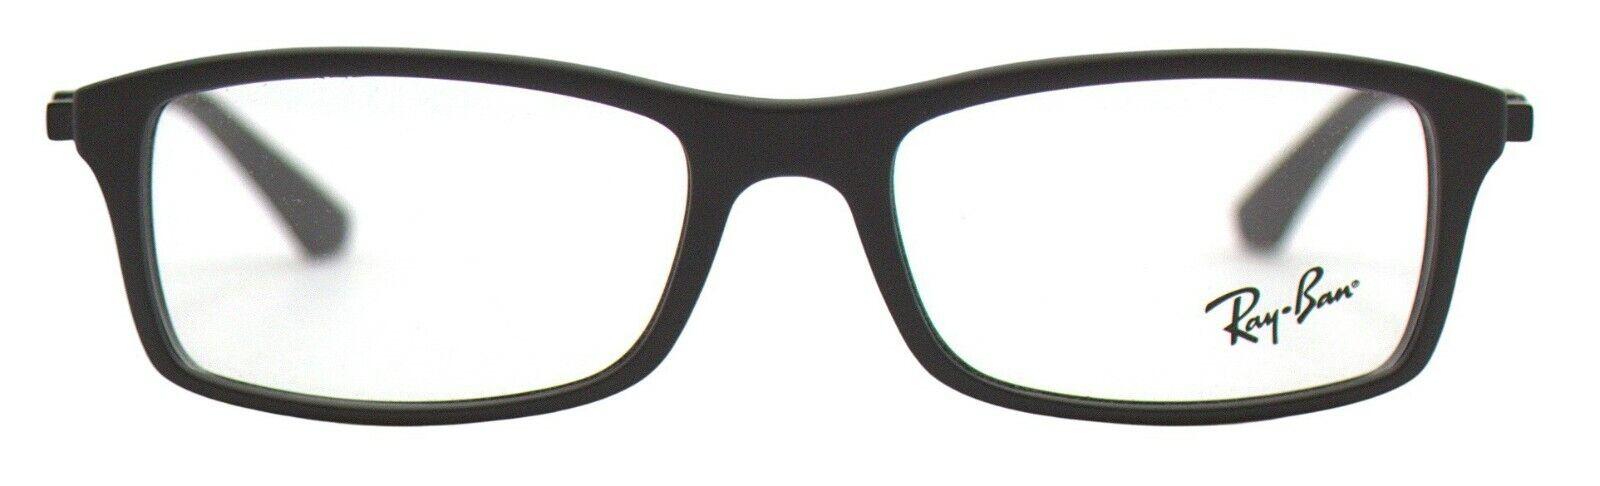 Ray-Ban Damen Herren Brillenfassung RX7017 5196 54mm schwarz matt BO88 B